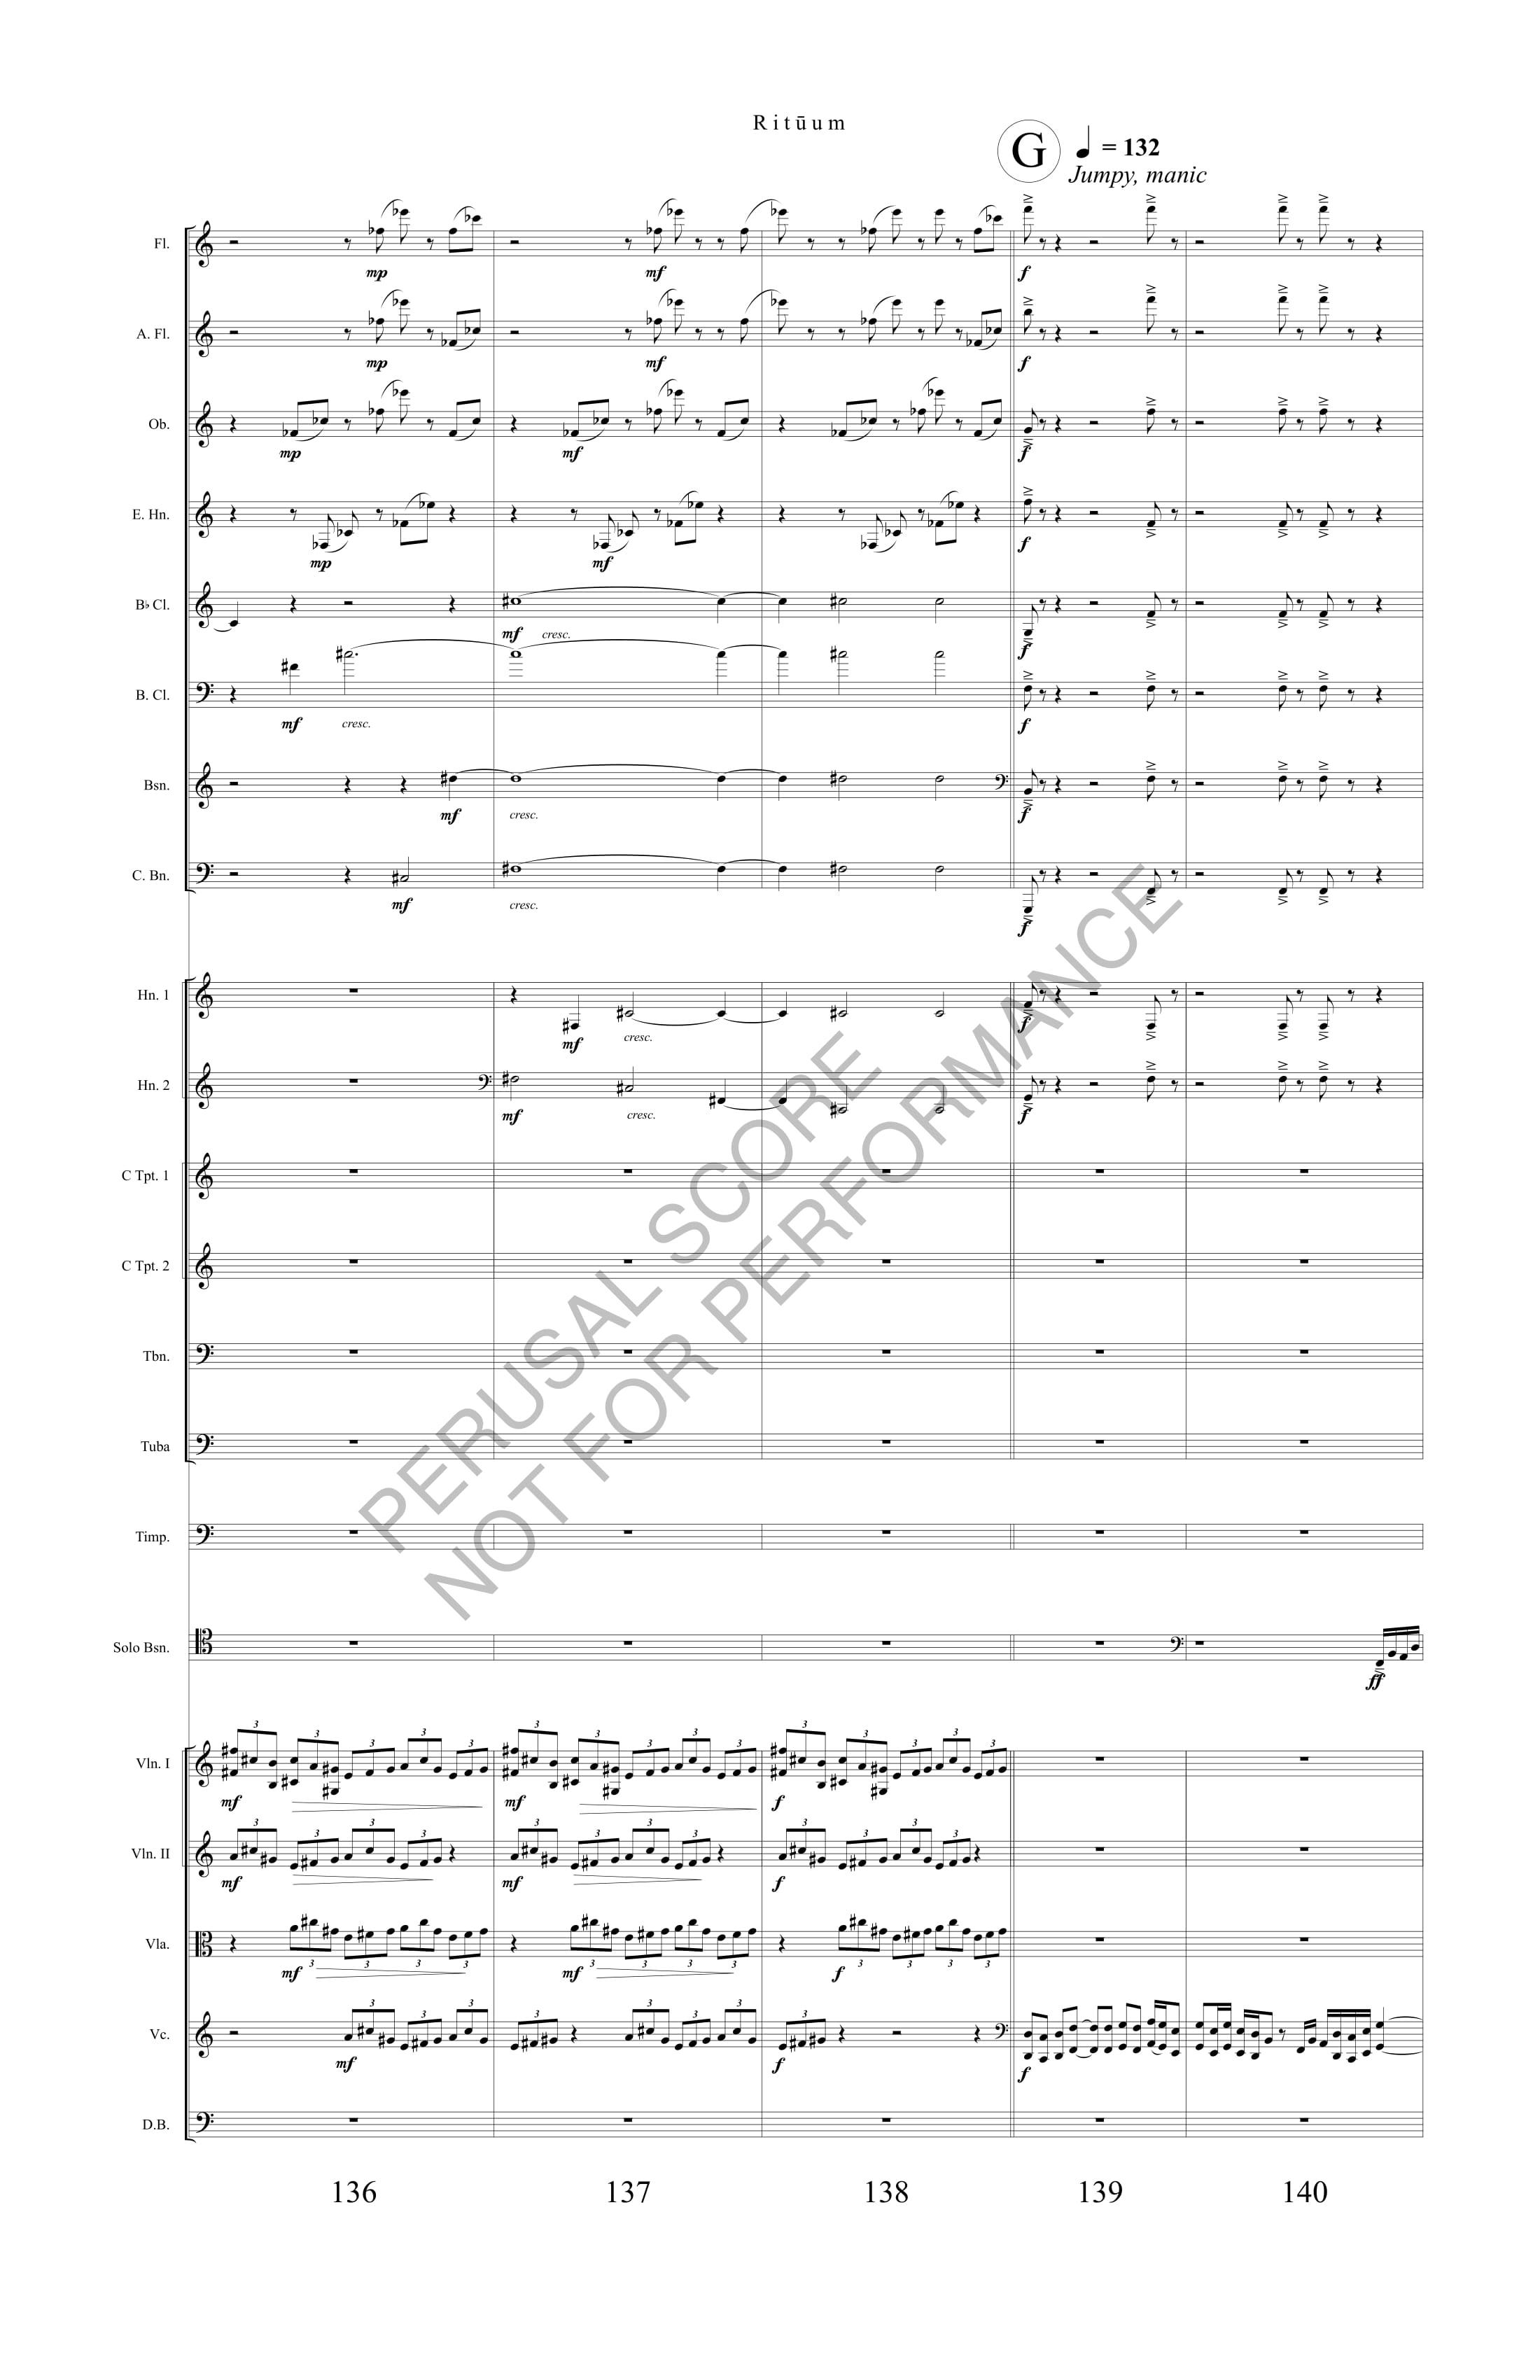 Boyd Rituum Score-watermark (1)-34.jpg